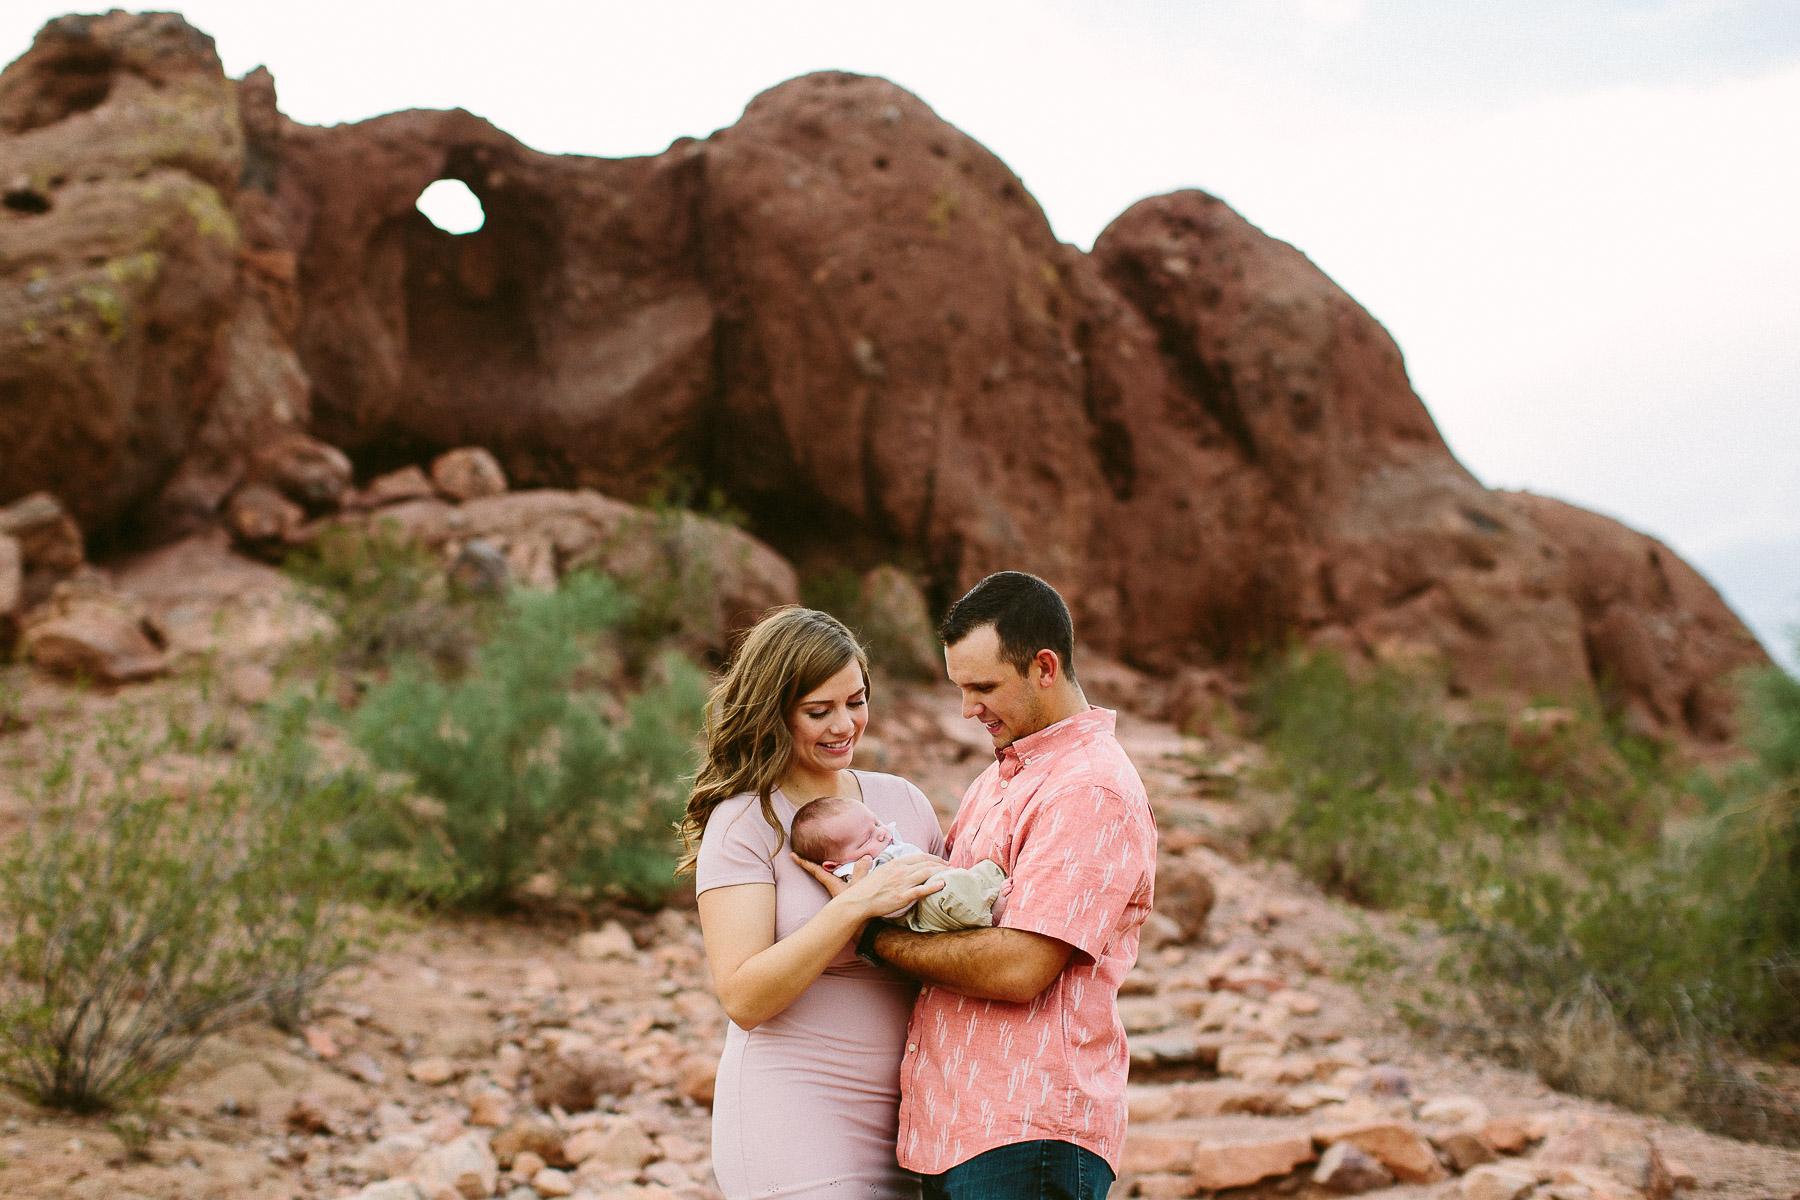 Luxium-Creative-@matt__le-Newborn-Baby-Photoshoot-Arizona-Phoenix-Papago-Park-Red-Rocks-105.jpg